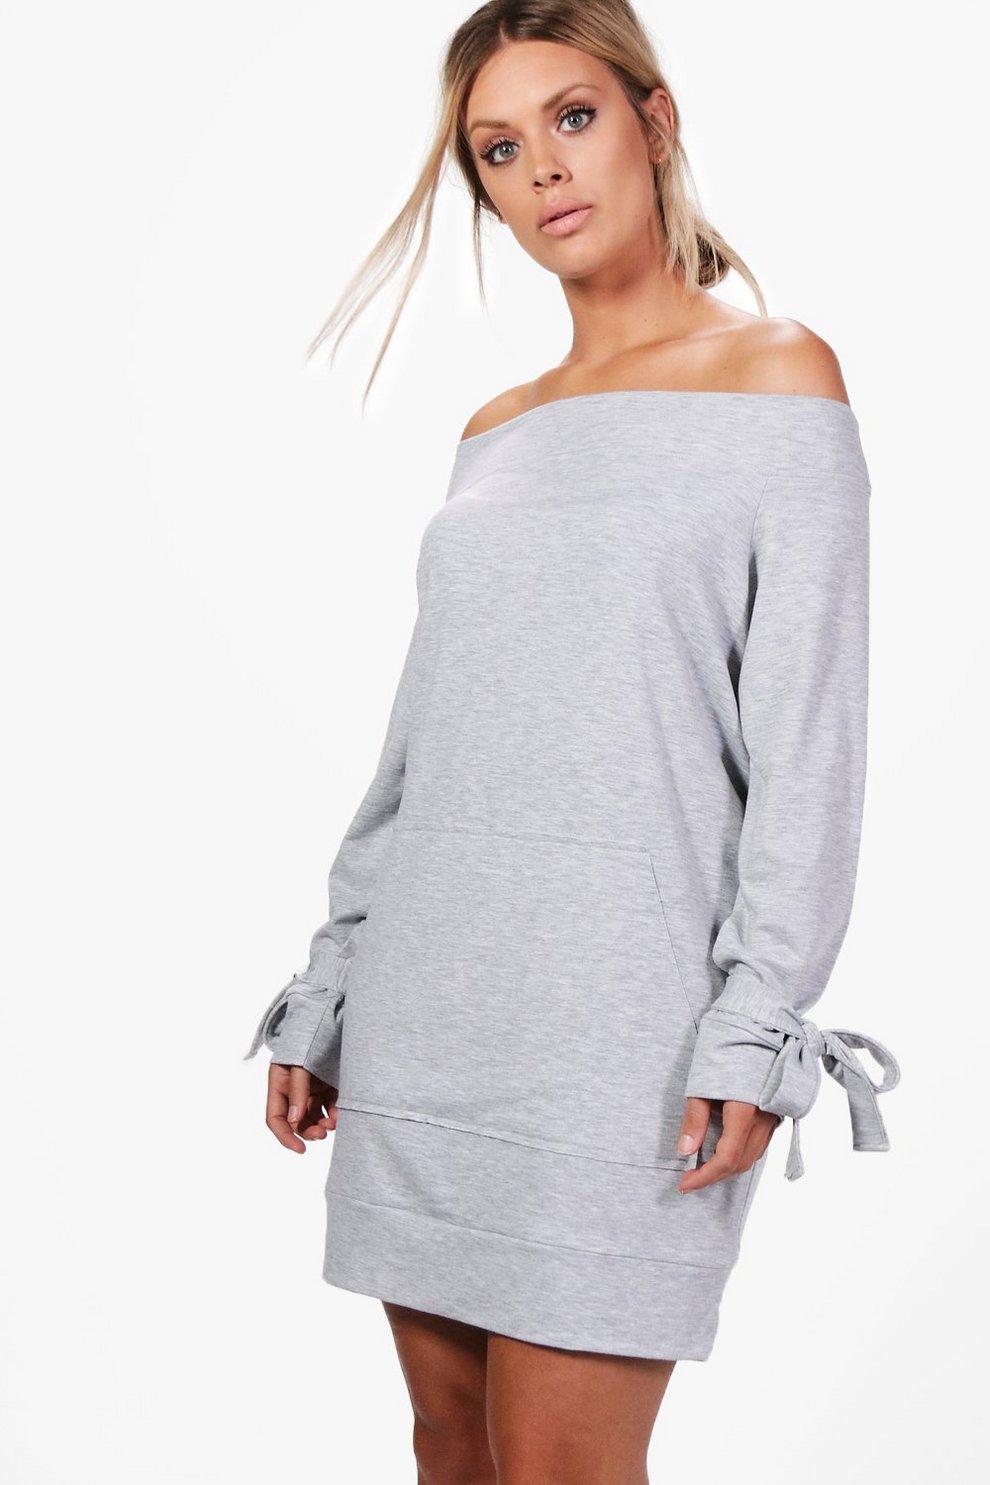 Plus Emily Schulterfreies Sweatshirt-Kleid mit gebundenen Ärmeln